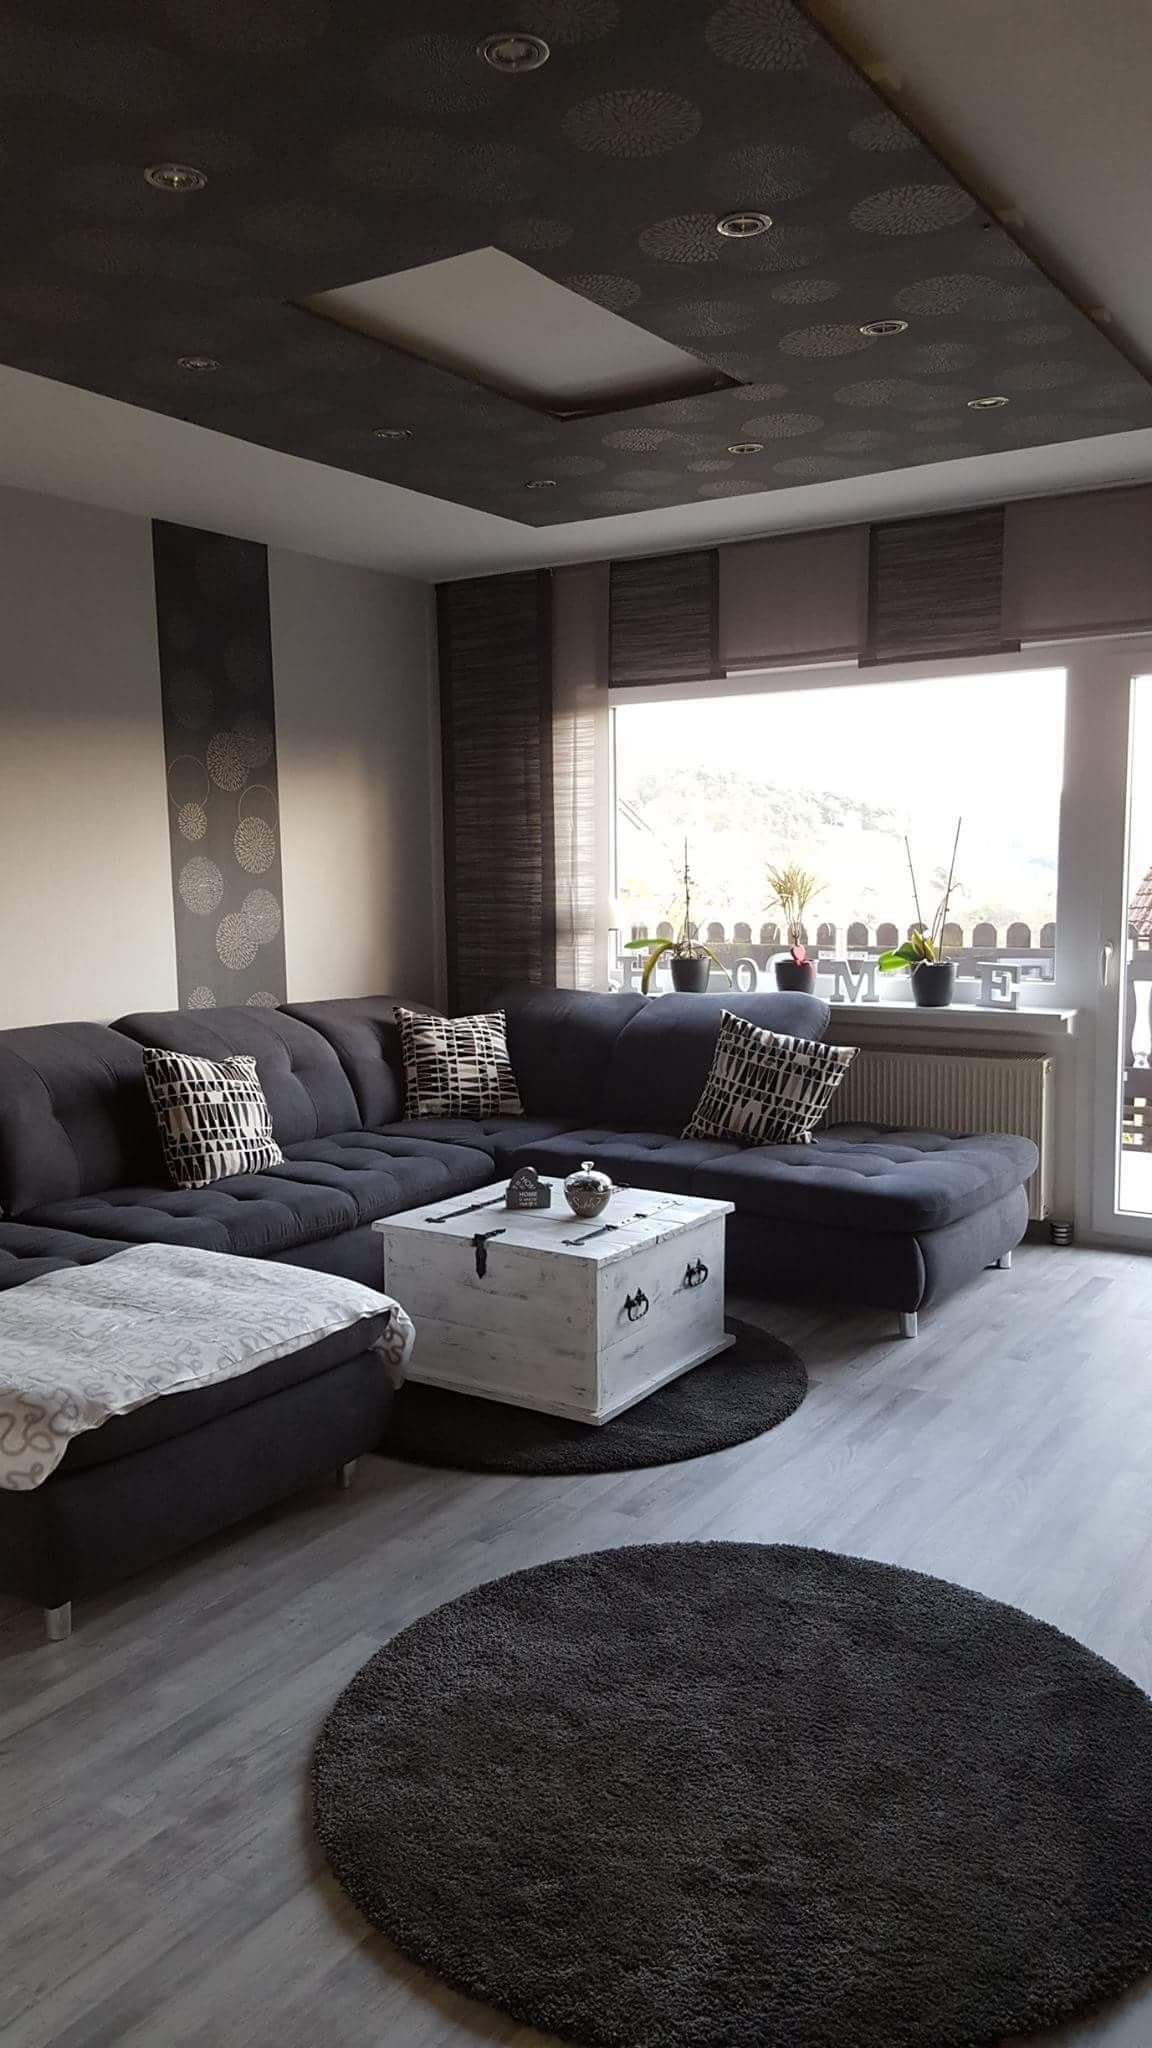 Wohnzimmer Grau Weiß, Living Room Grey White